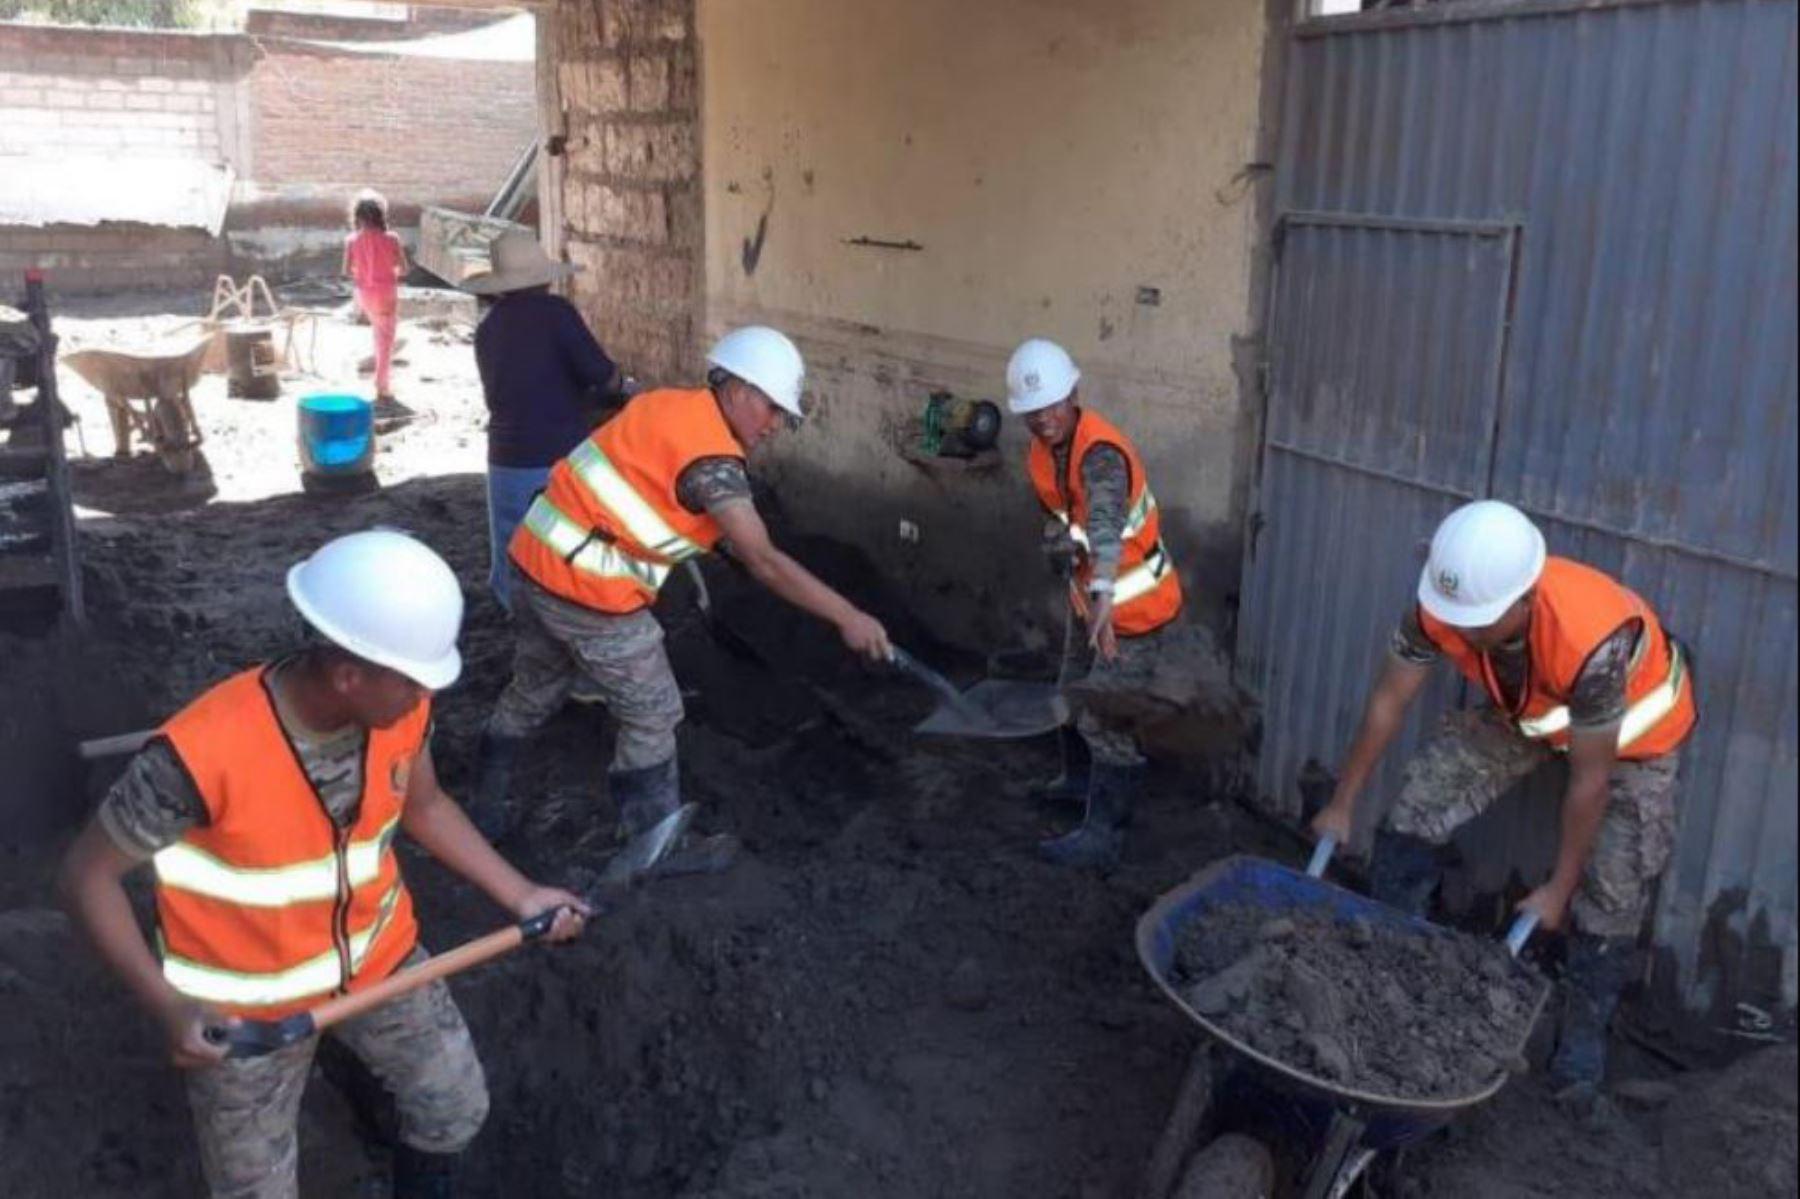 Más de 1,000 efectivos de las Fuerzas Armadas fueron desplegados en diversas regiones del país, para atender las emergencias causadas por lluvias intensas, principalmente en las regiones Tacna, Arequipa, Moquegua, Cusco y Puno, con labores que van desde la remoción de escombros hasta puentes aéreos humanitarios.